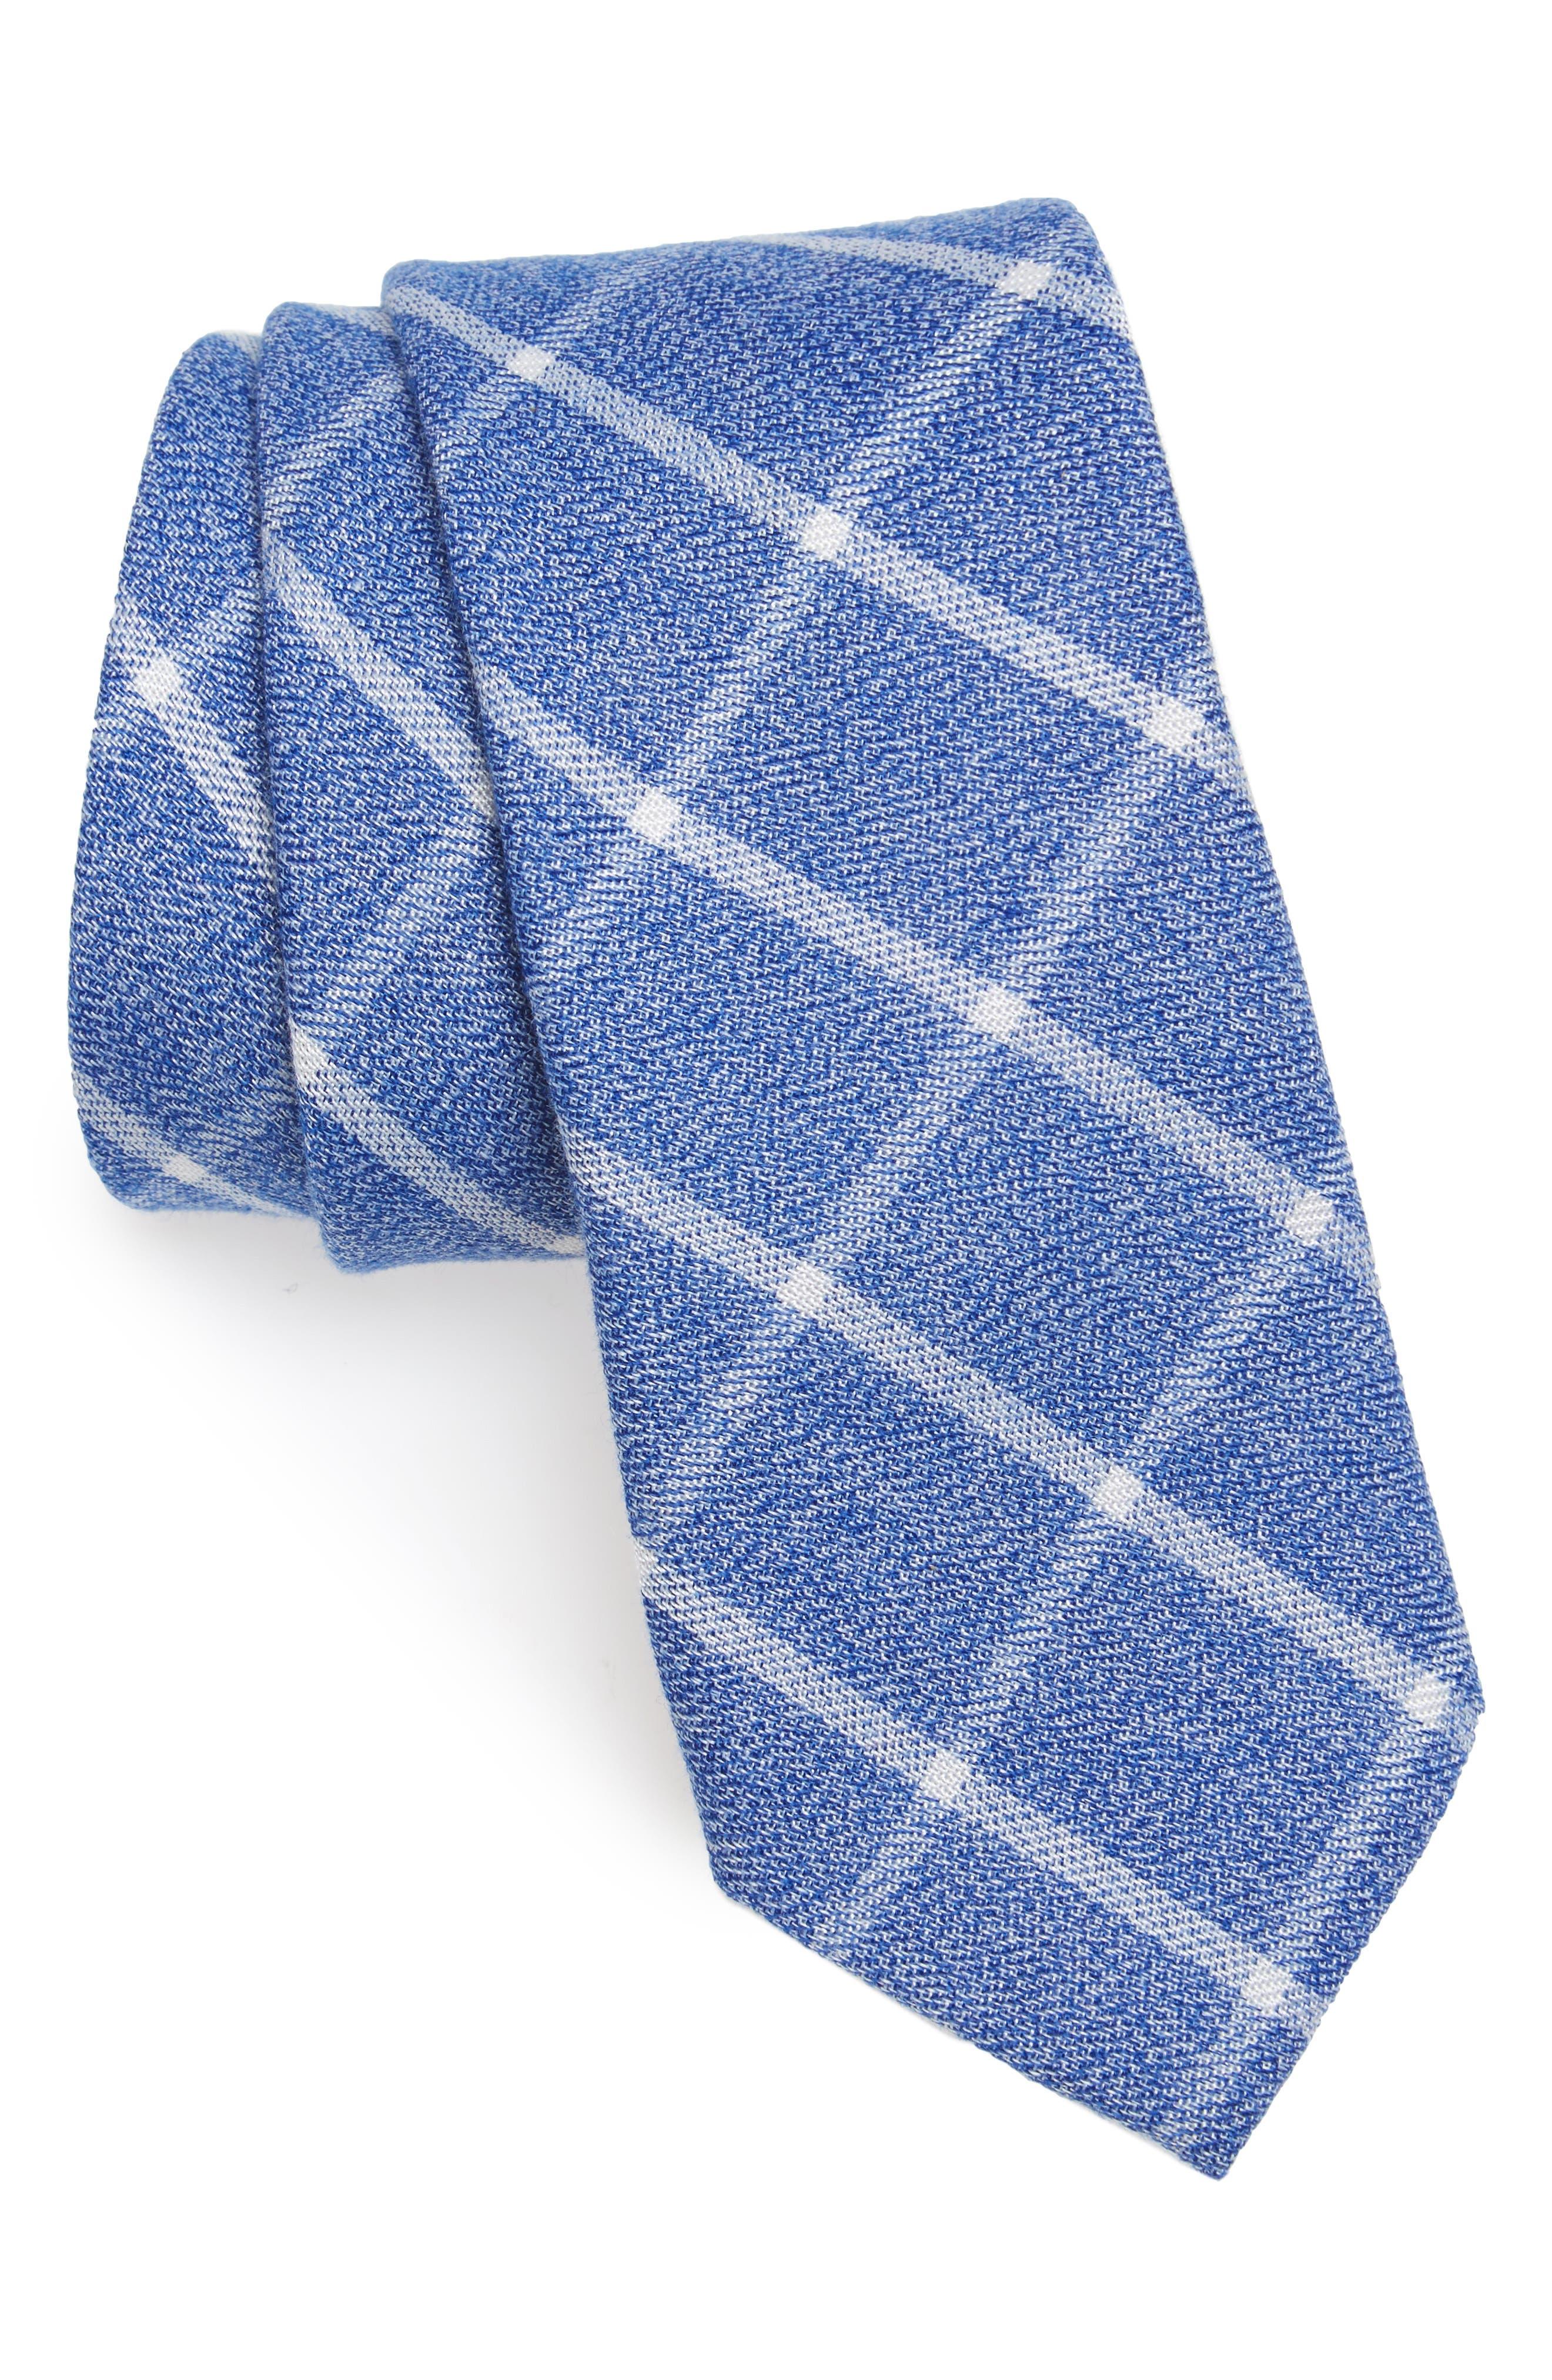 Main Image - Nordstrom Men's Shop Wilbur Check Cotton Tie